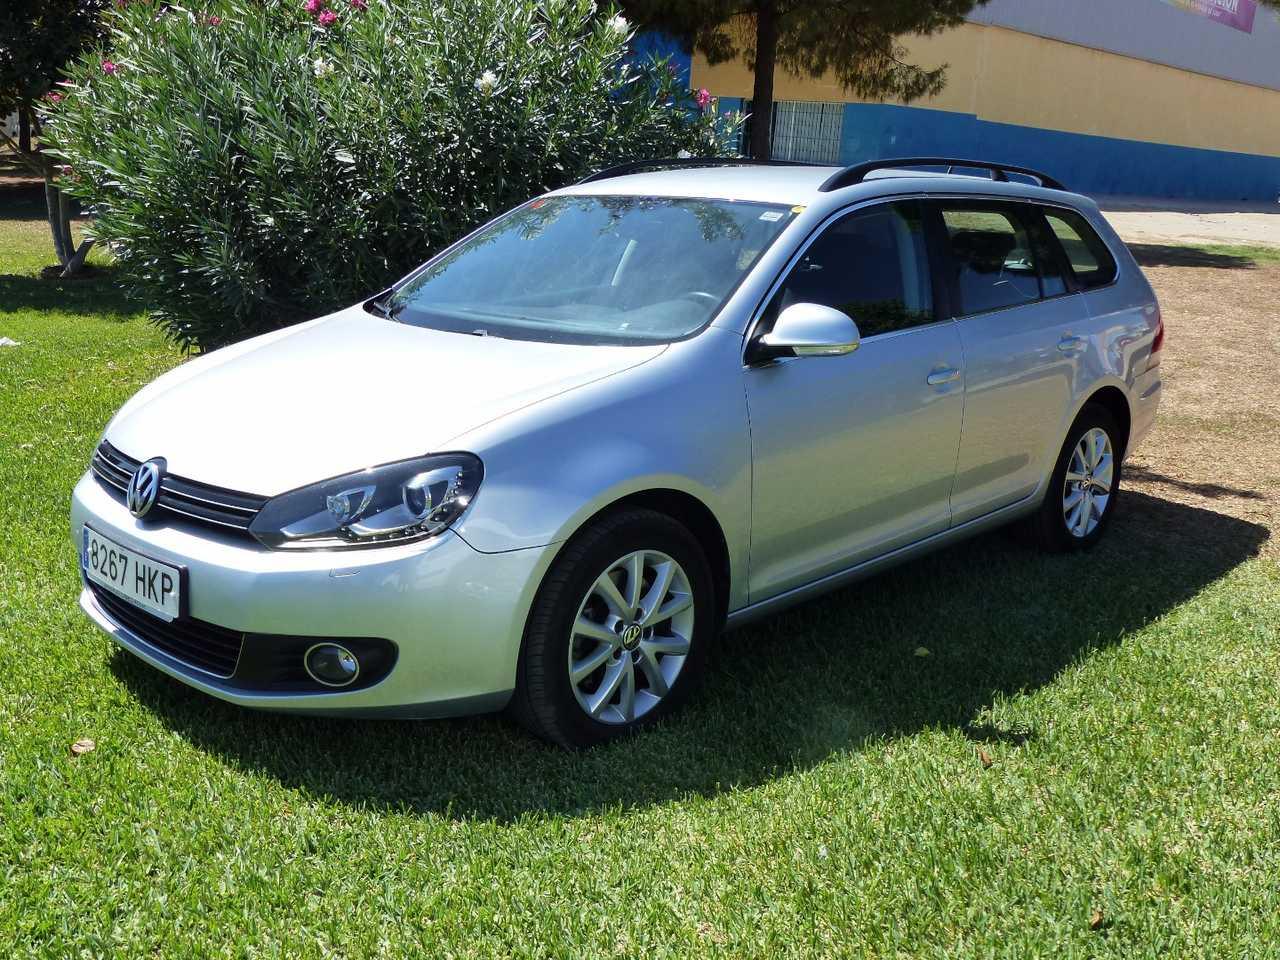 Volkswagen Golf 2.0 TDI VARIANT SPORT NO PROCEDE DE RENT A CAR OJO   - Foto 1